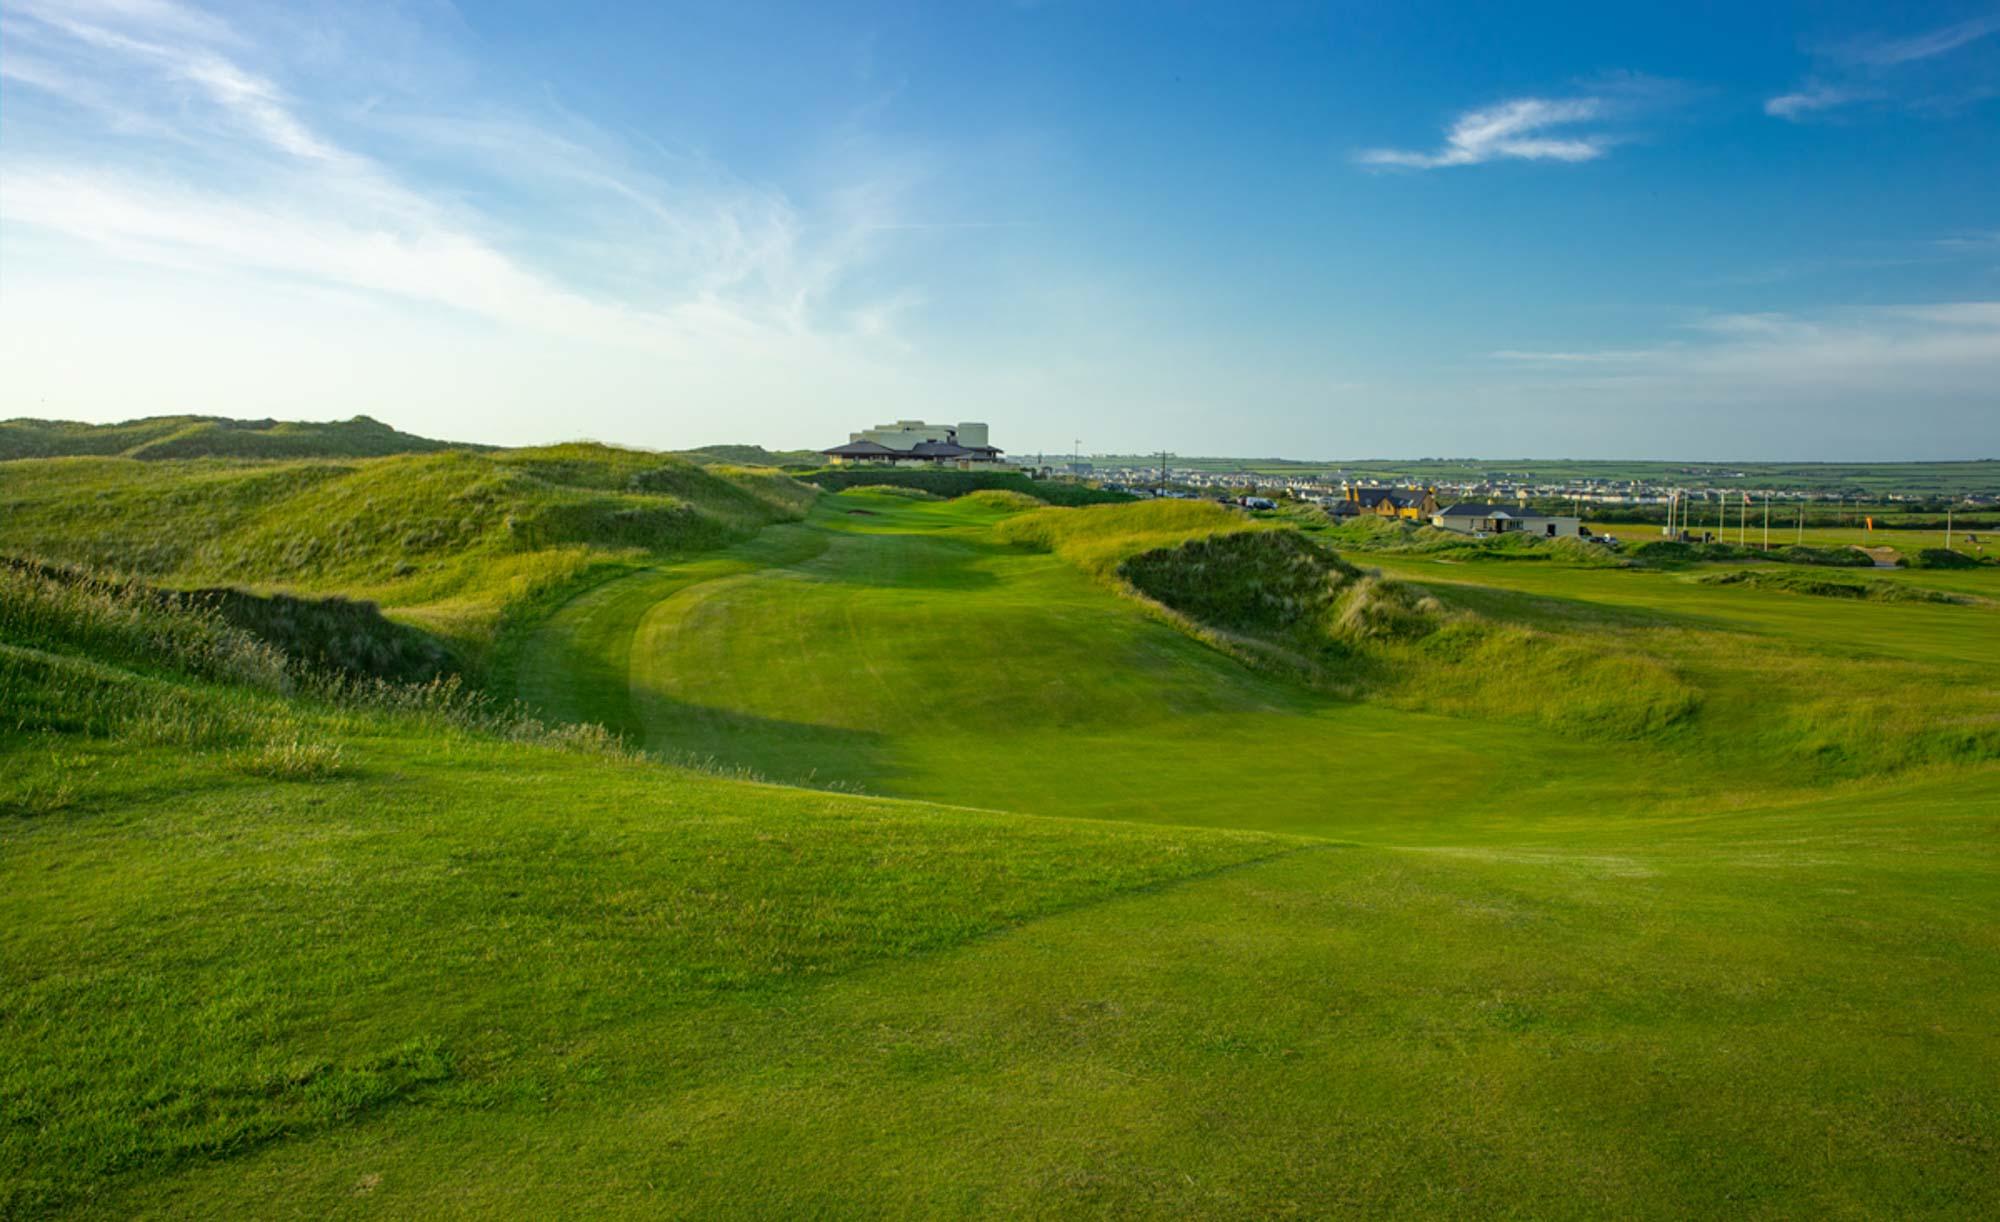 A photo of the Ballybunion Cashen links golf course.